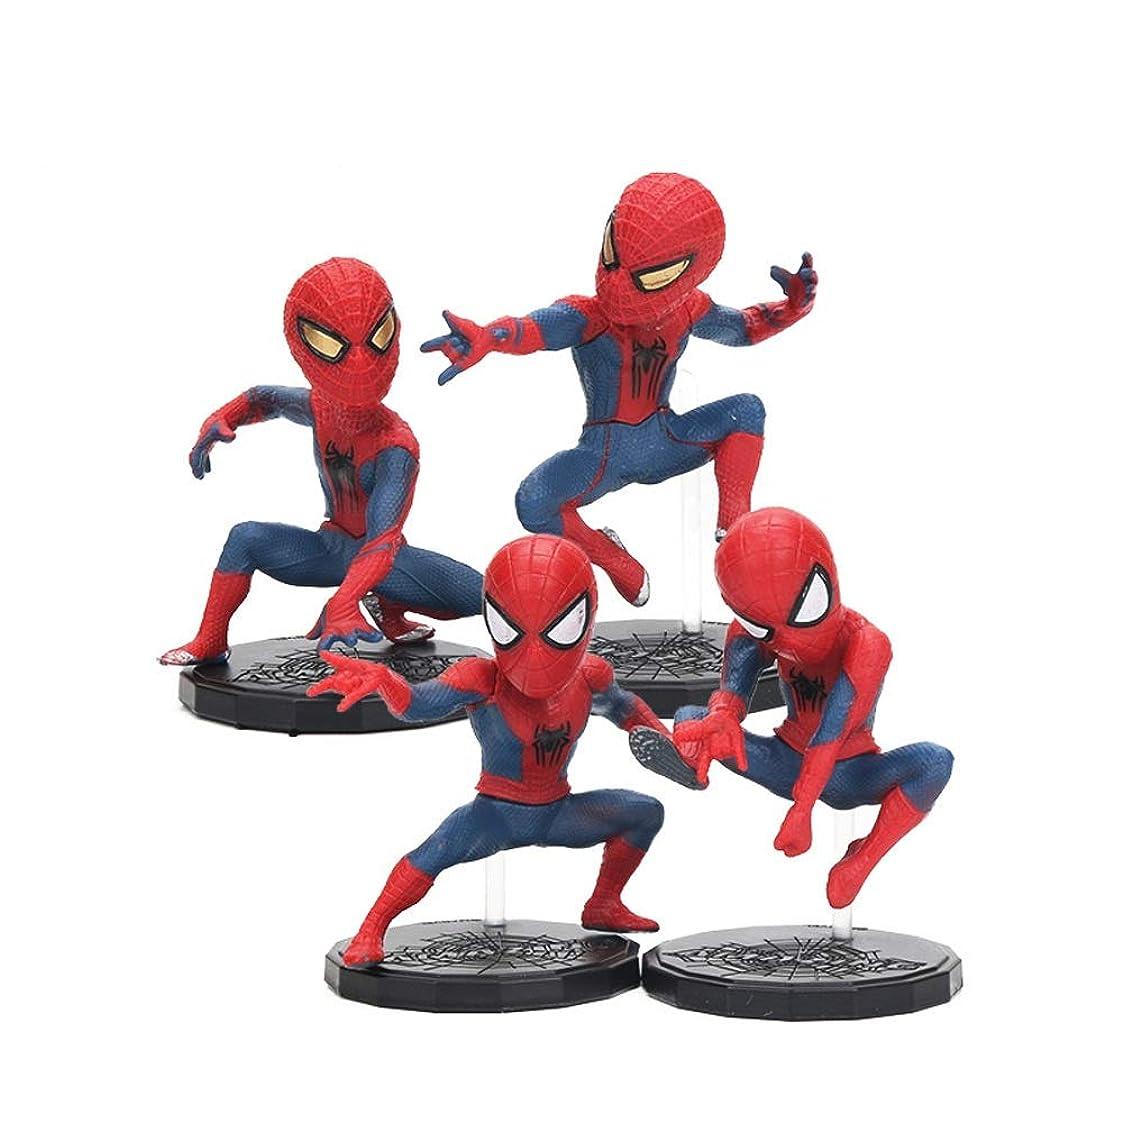 崩壊支配する開いたYEZI パーソナライズされたクリエイティブ玩具 トイ - ミラクルトイ - アベンジャーズ3 - スパイダーマン+恐竜+ブルーアバター 誰もがそれを好きになるでしょう (Design : 6 people)